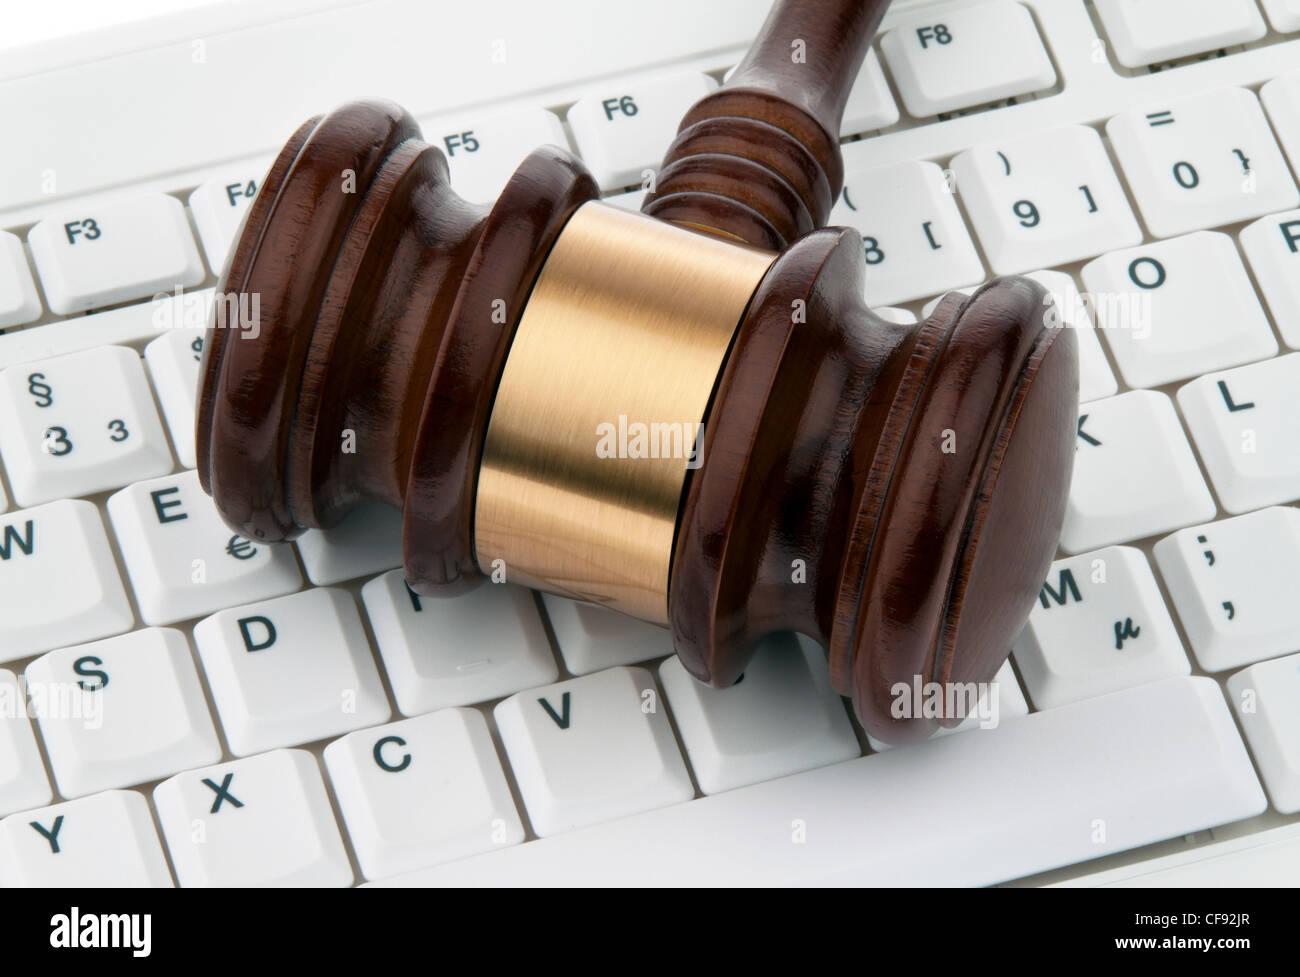 Martillo y teclado. seguridad jurídica en internet. webauktionen. Imagen De Stock